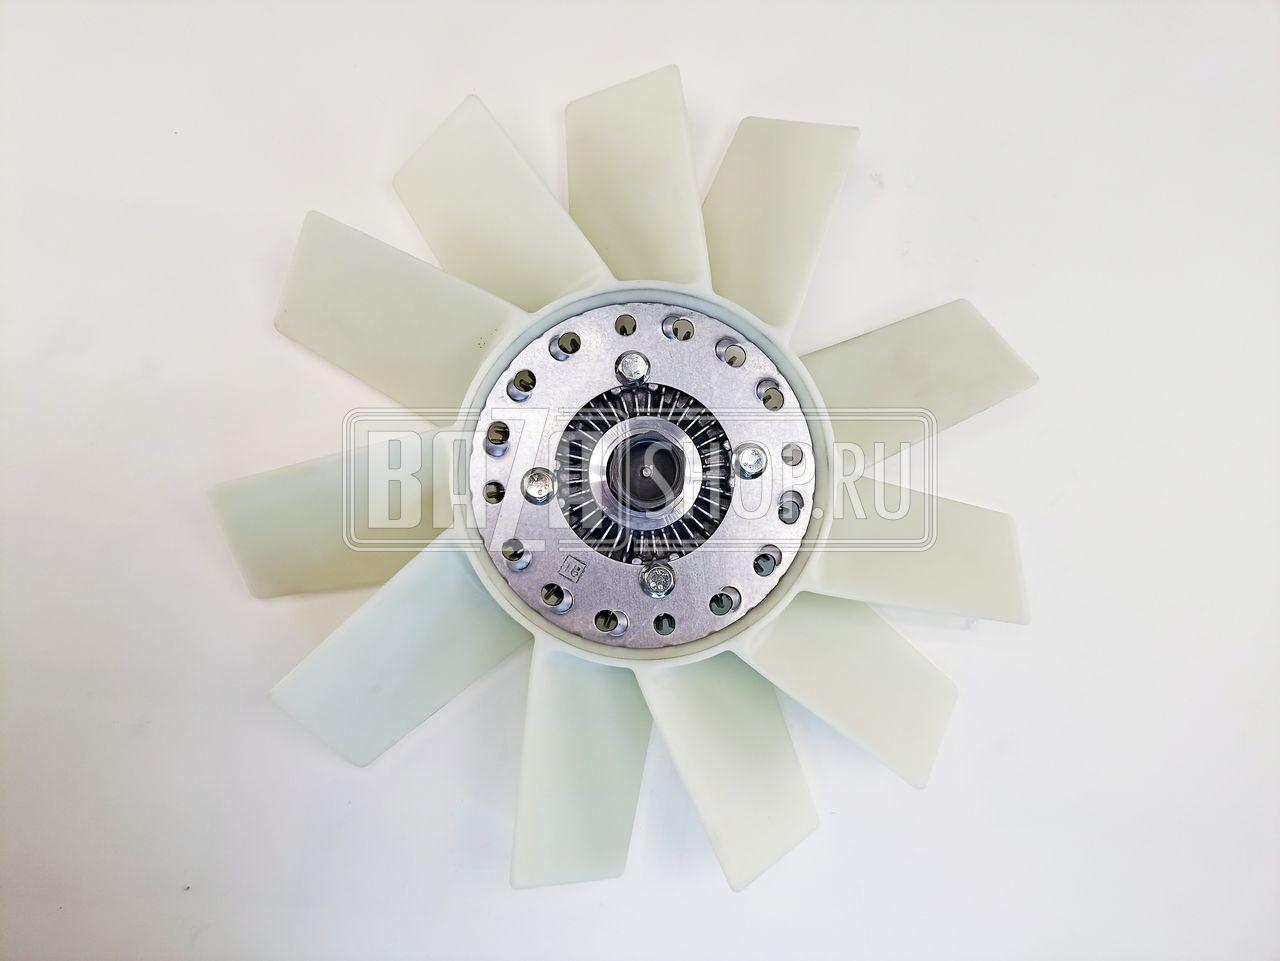 Уплотнения теплообменника КС 07 Улан-Удэ как очистить от накипи теплообменник